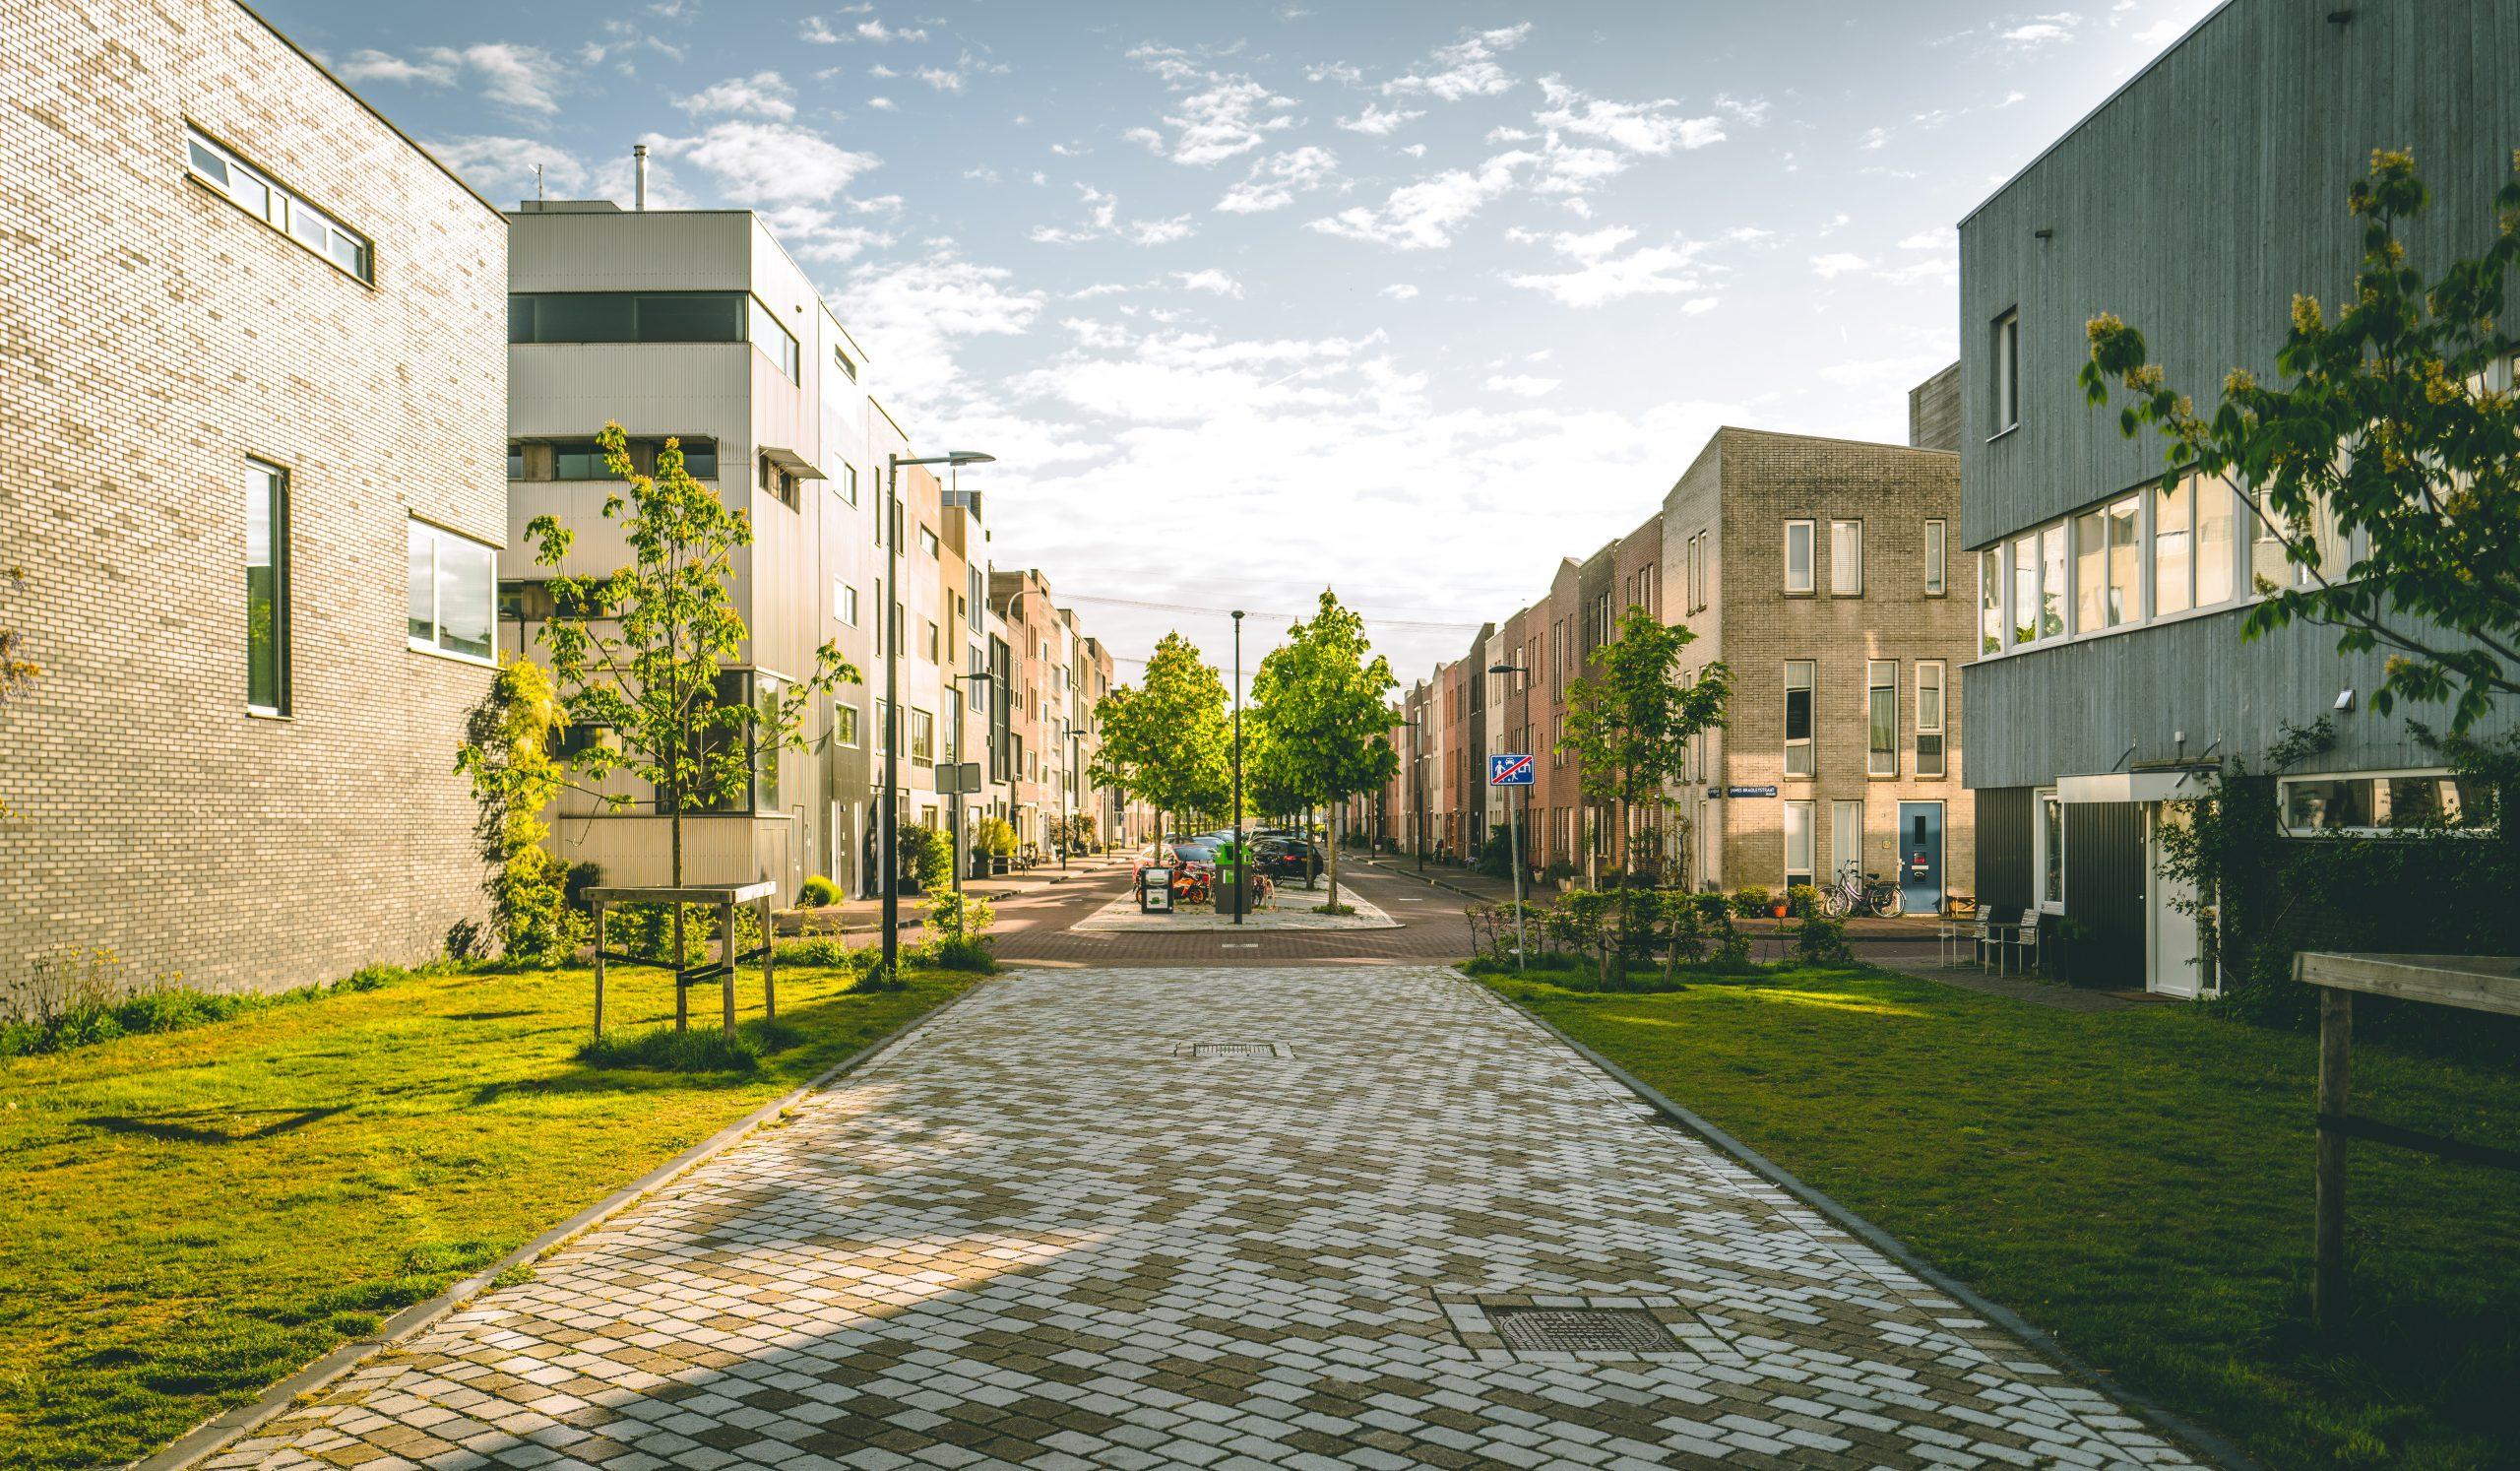 TOWN PLANNING & DESIGN